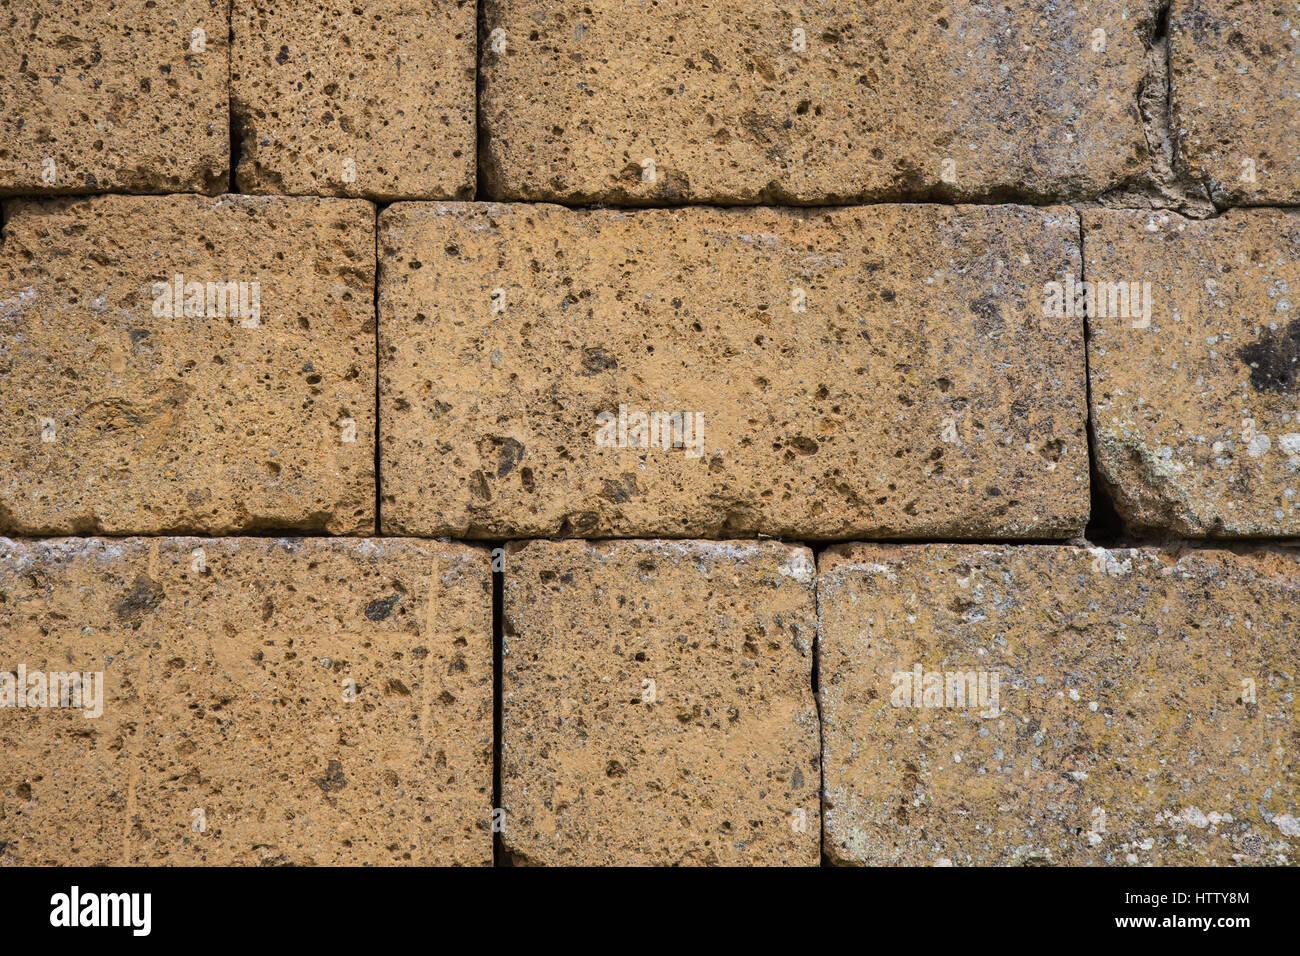 Blocchi Di Tufo.Un Muro Costruito Con Blocchi Di Tufo Foto Immagine Stock